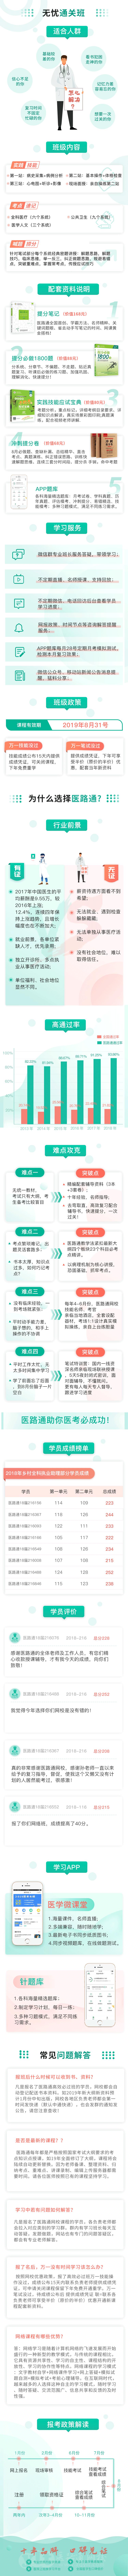 课程详情介绍-乡村无忧通关班.png